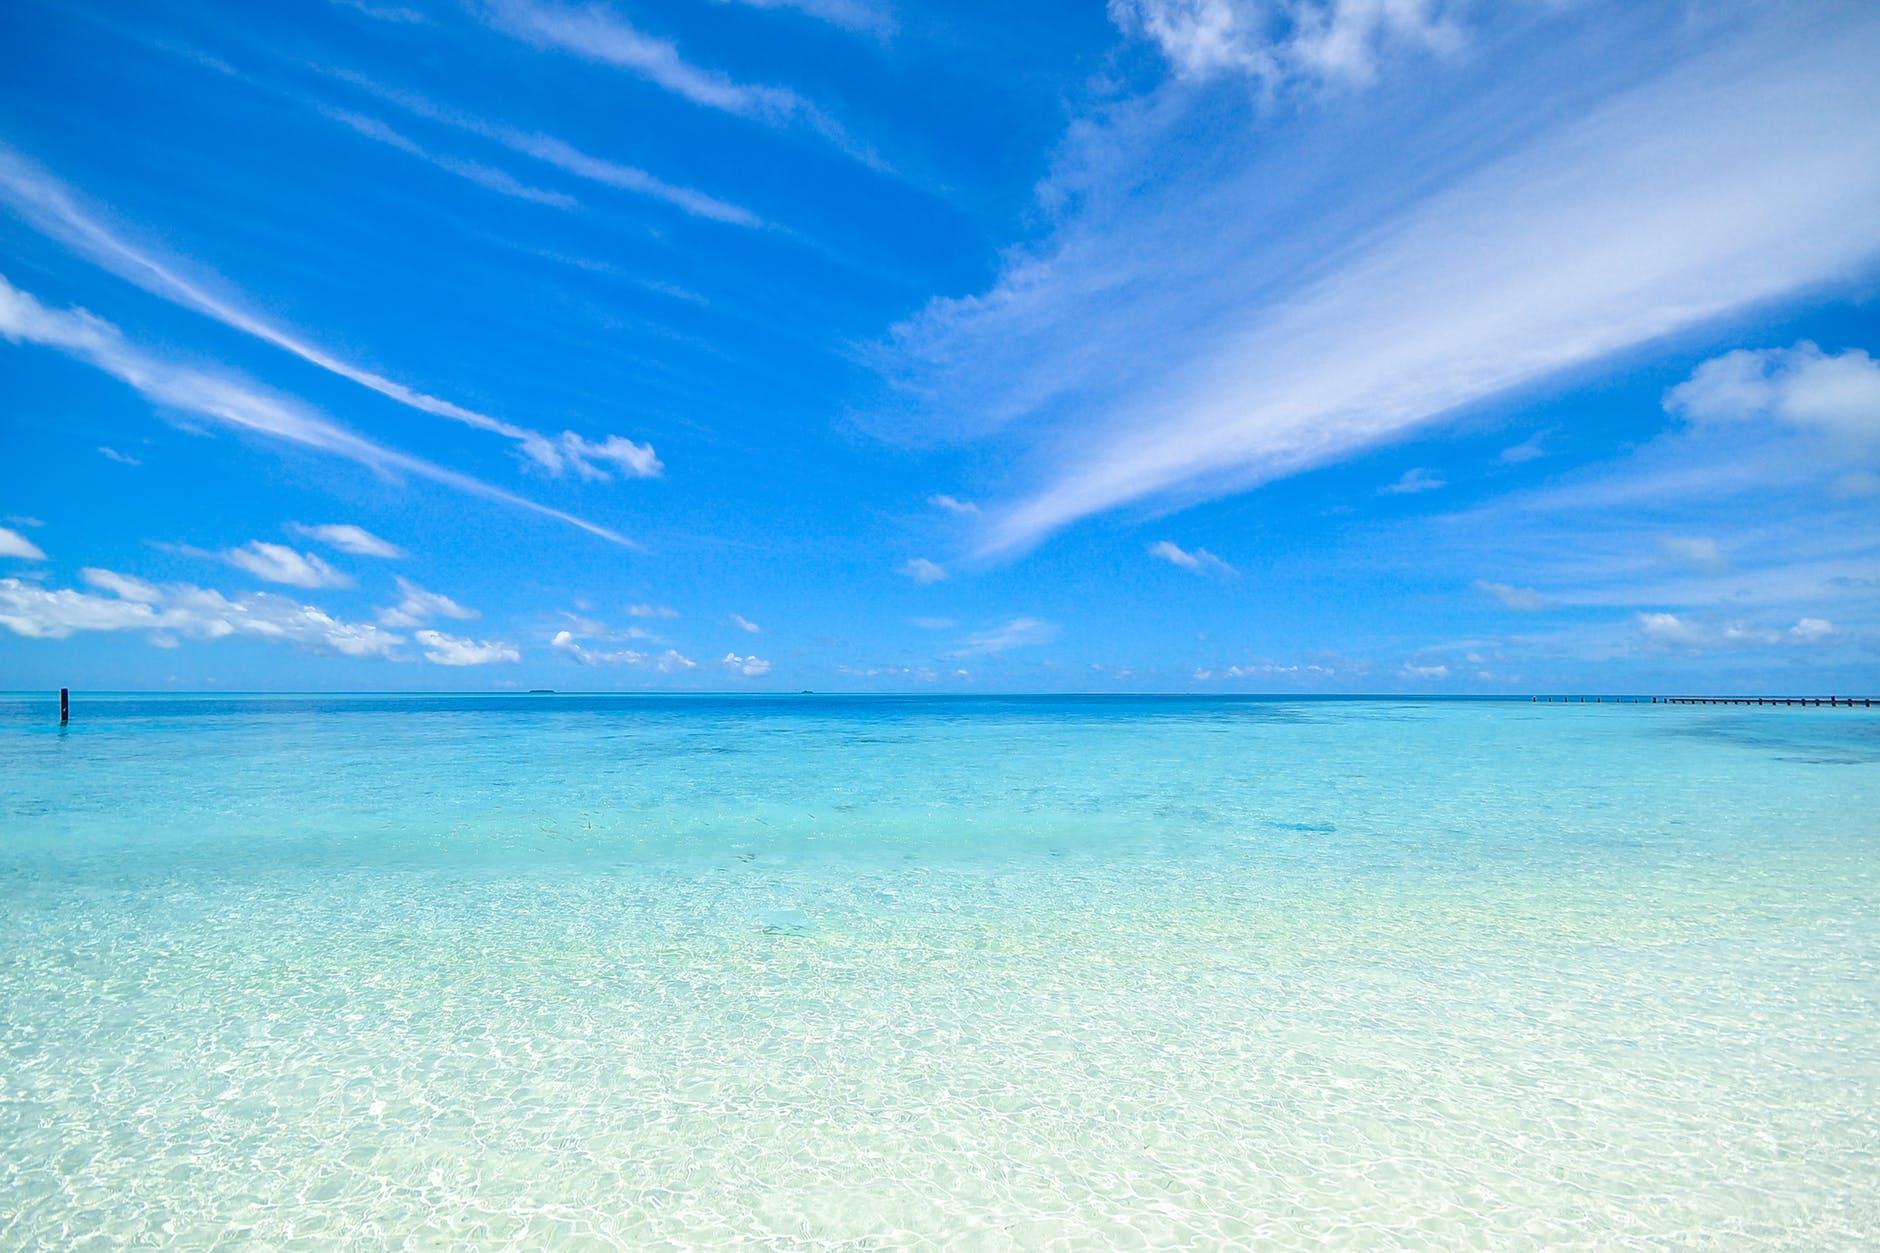 beach calm clouds coast